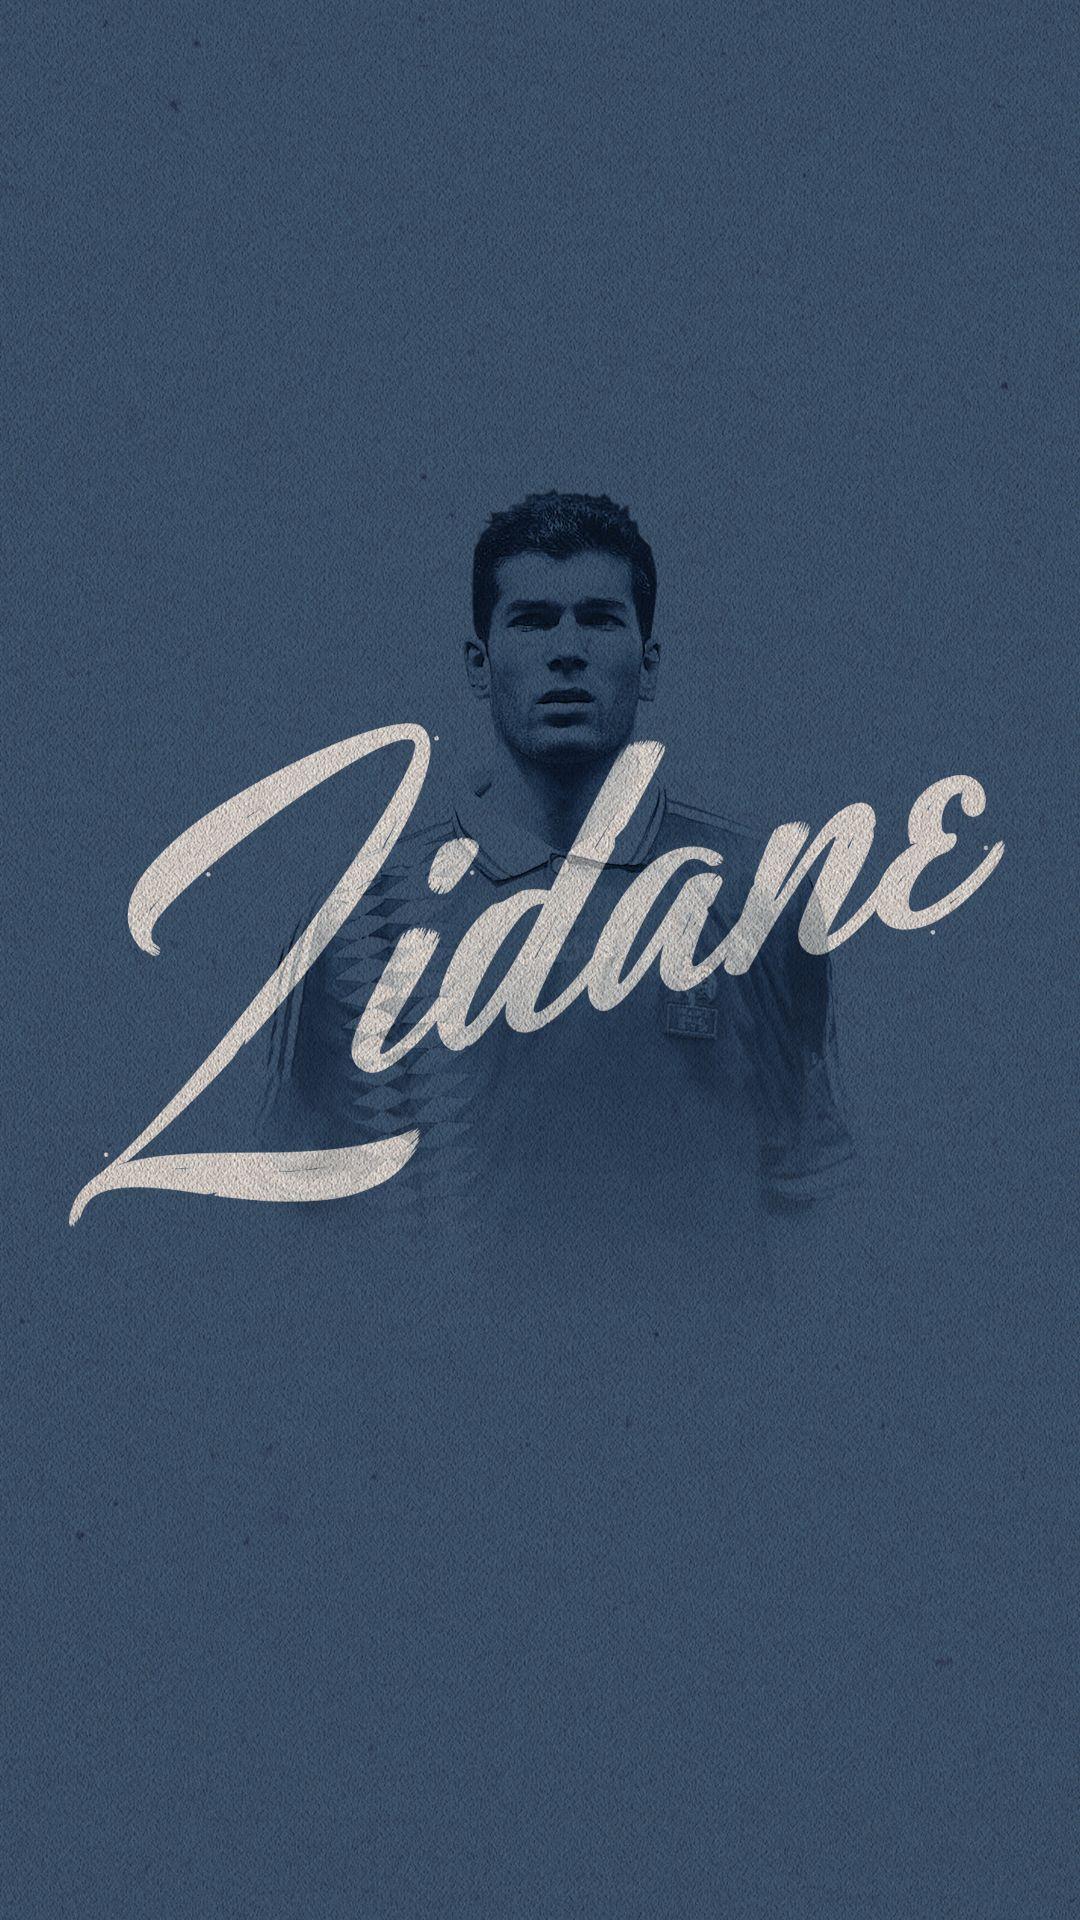 RETRO_Zidane